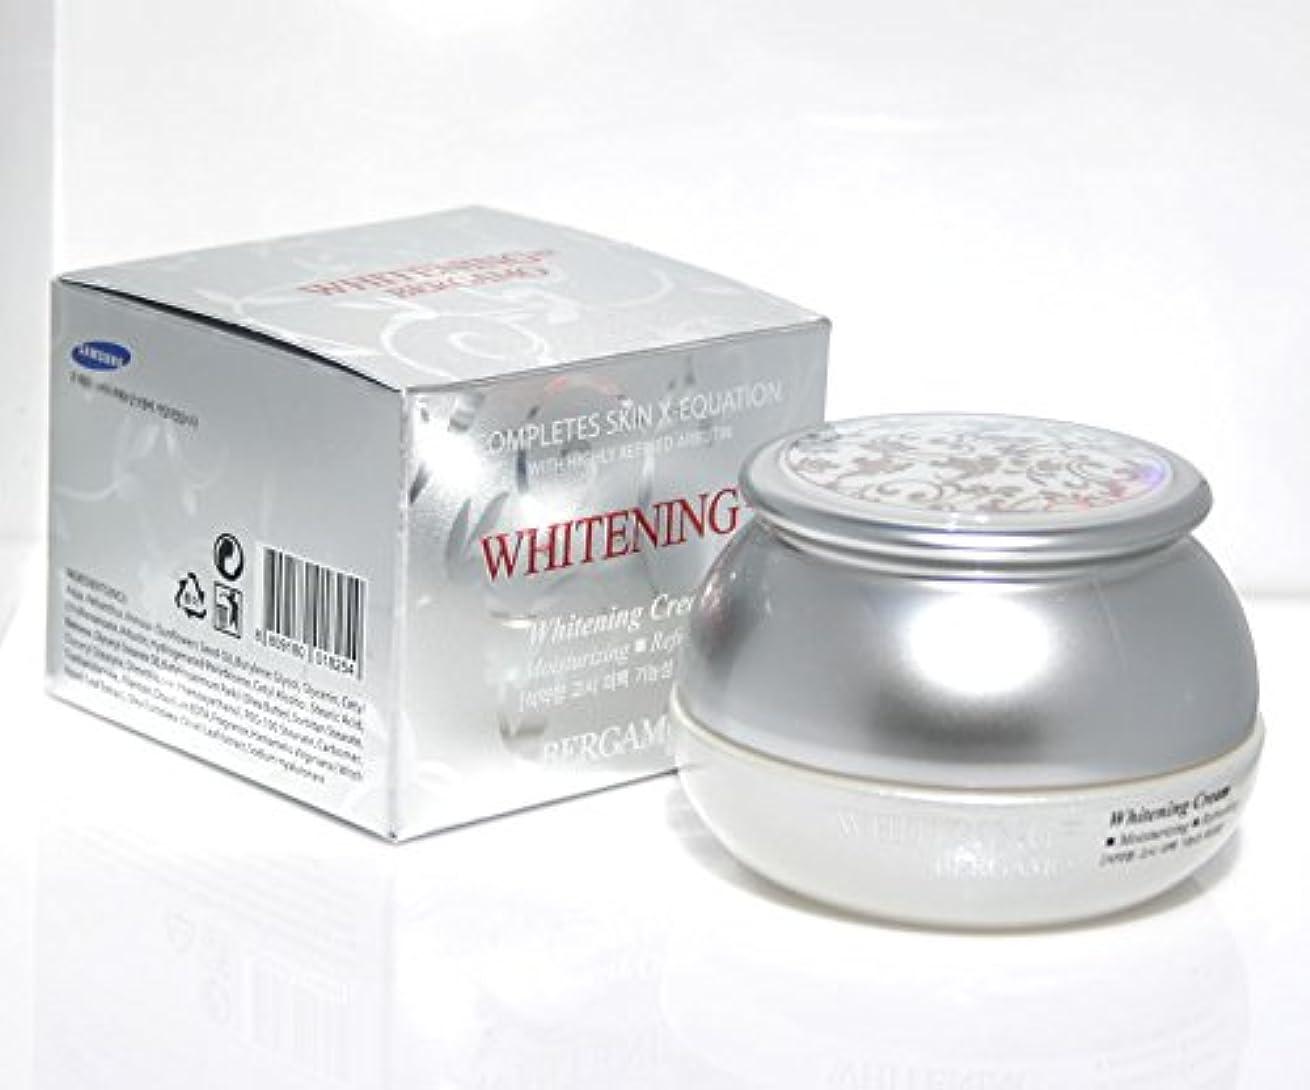 ジャケットコストカプラー【ベルガモ][Bergamo]  は、高度に精製アルブチンホワイトニング例クリーム50g /  Completes Skin X-equation with Highly Refined Albutin Whitening Ex Cream 50g /  を完了は、皮膚のX-式、さわやか / Whitening,moisturizing,refreshing / 韓国化粧品 / Korean Cosmetics [並行輸入品]